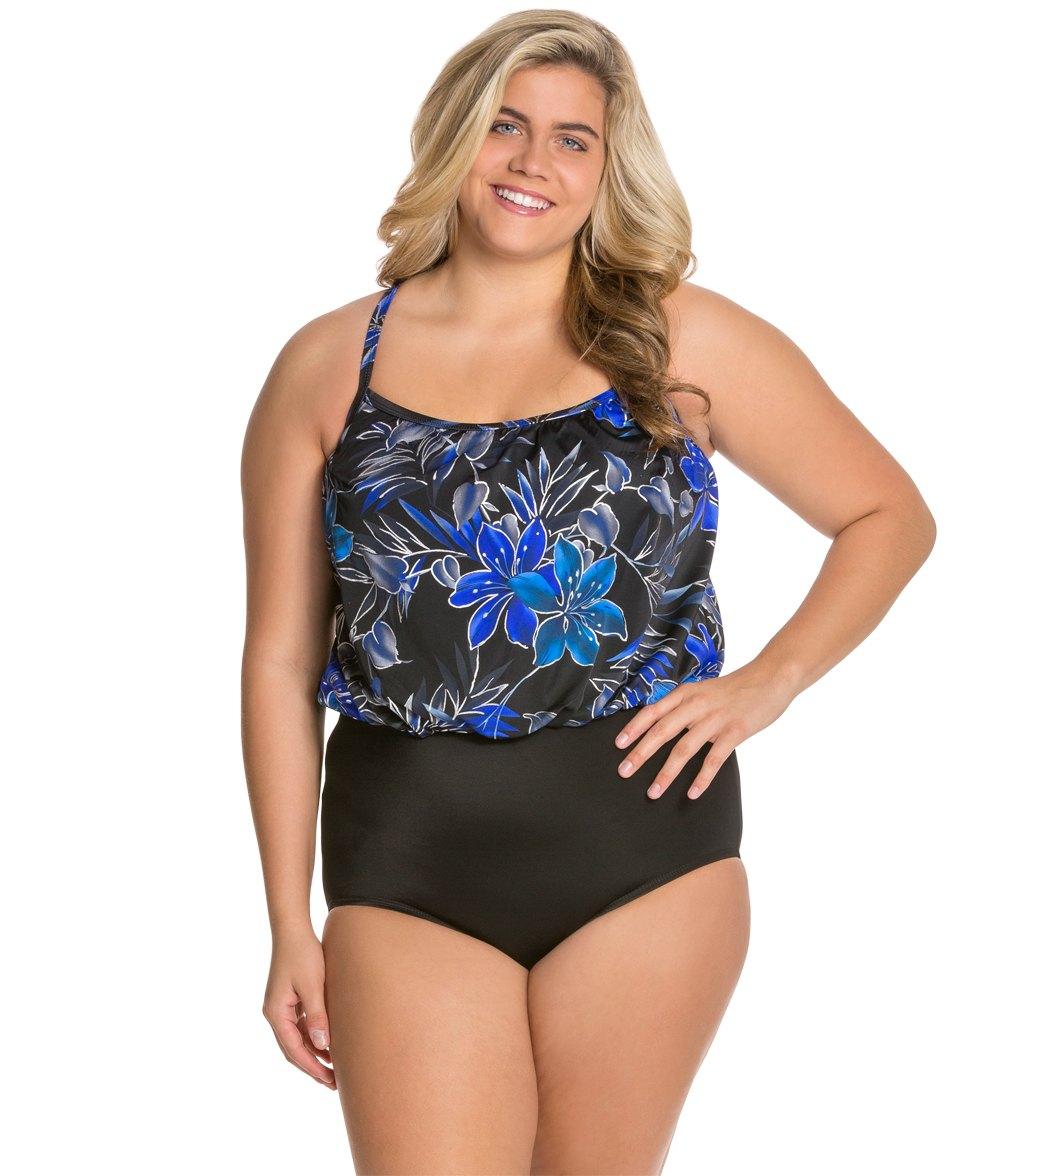 46c921d17d3f1 Blouson Swim Tops Plus Size